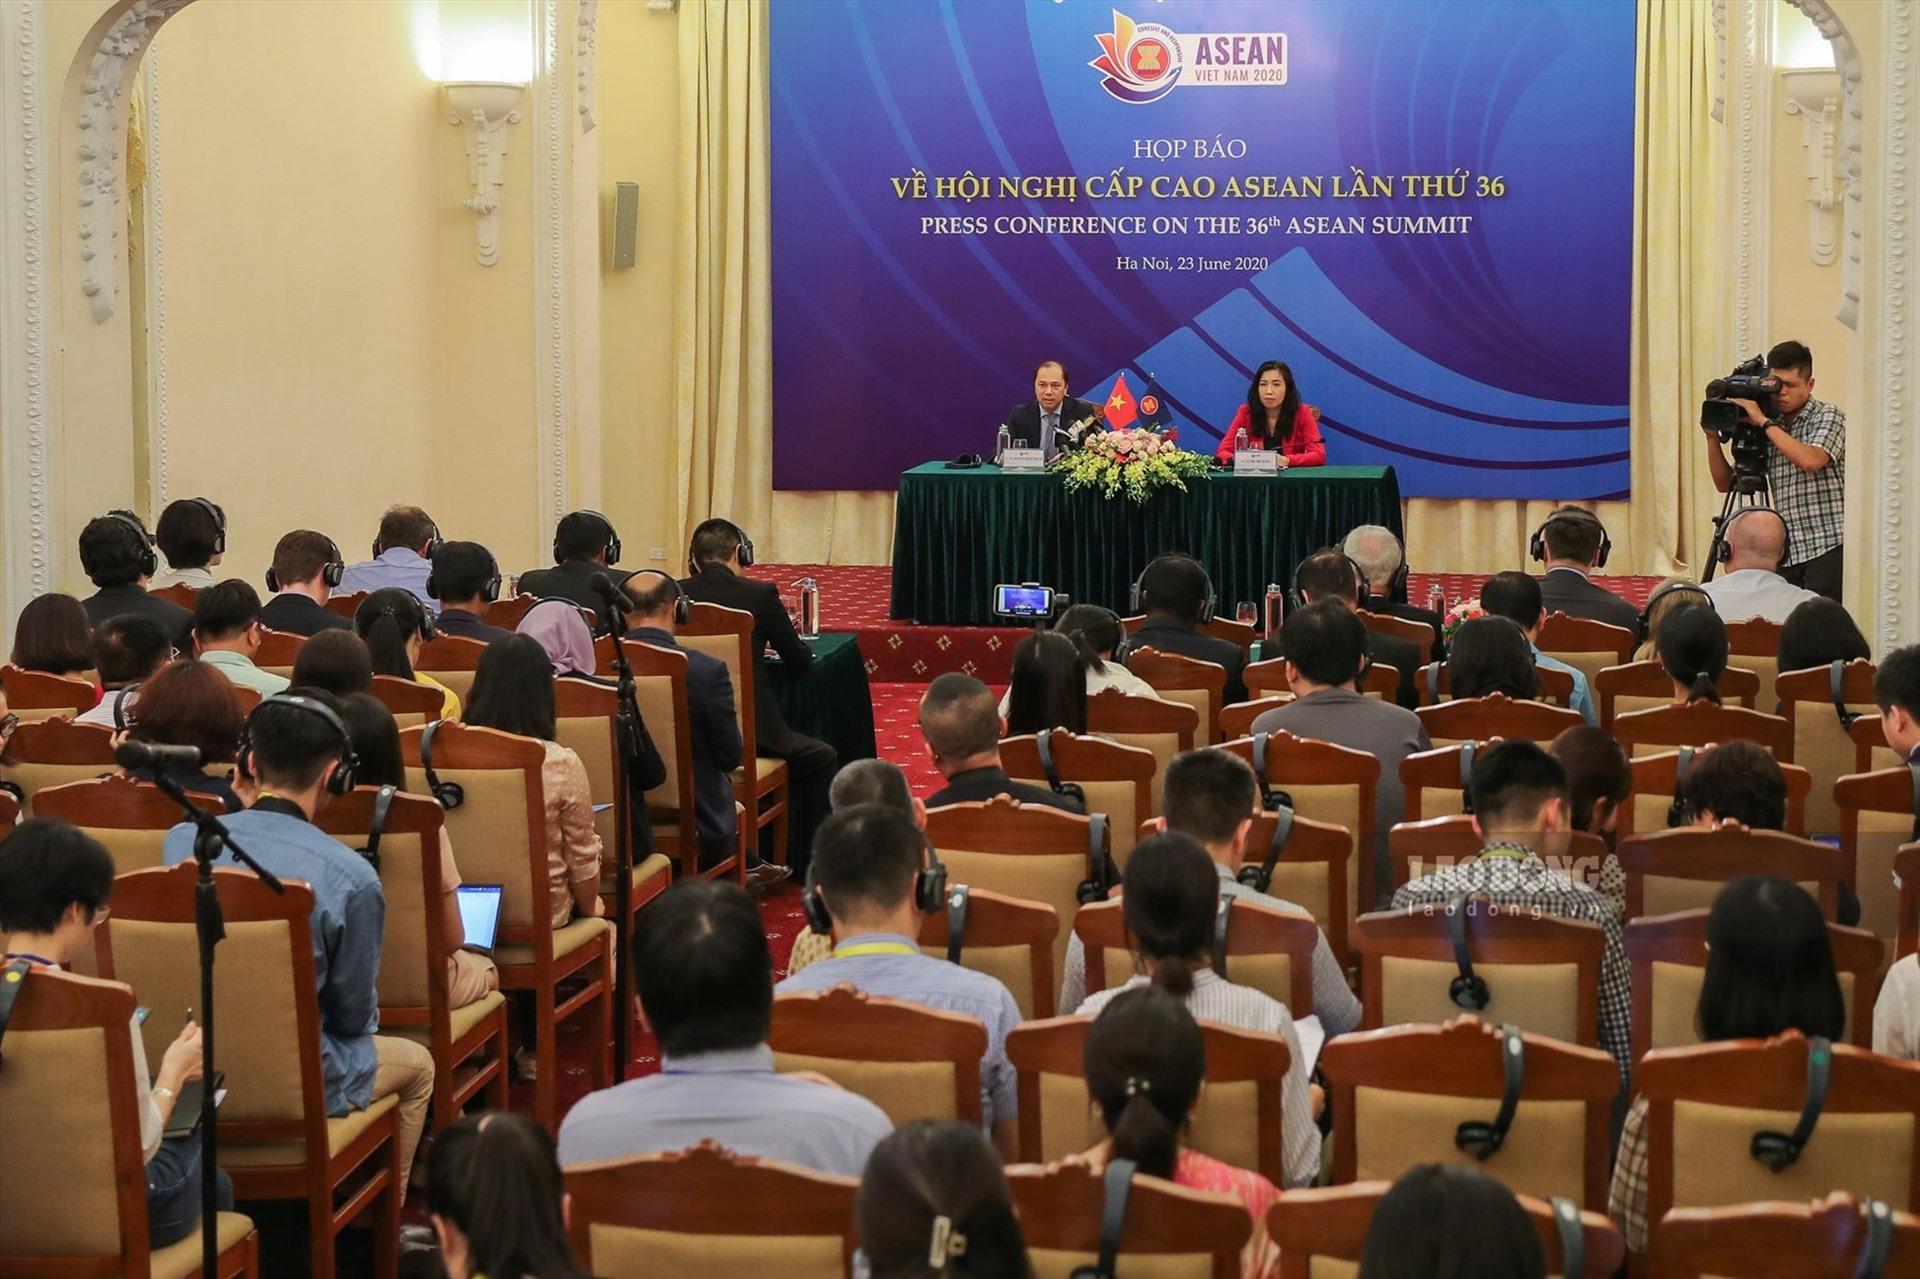 Toàn cảnh phiên họp báo quốc tế chiều 23.6. Ảnh: Sơn Tùng.